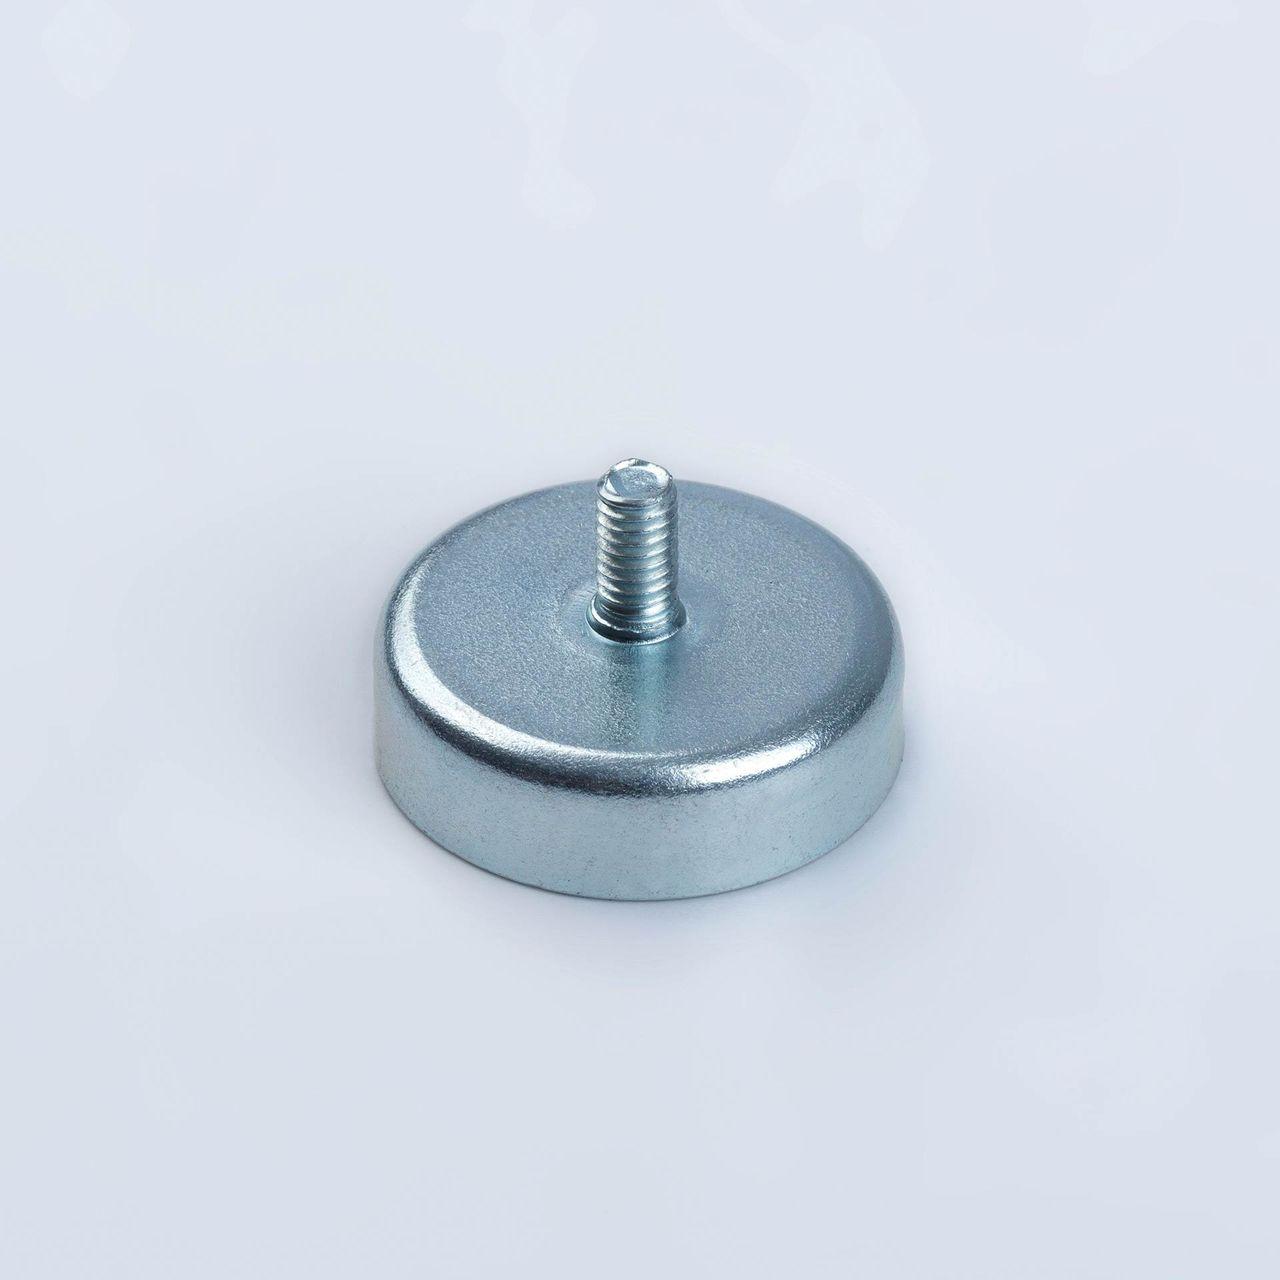 Pot magnet made of hard ferrite with external thread, galvanized, thyssenkrupp Magnettechnik